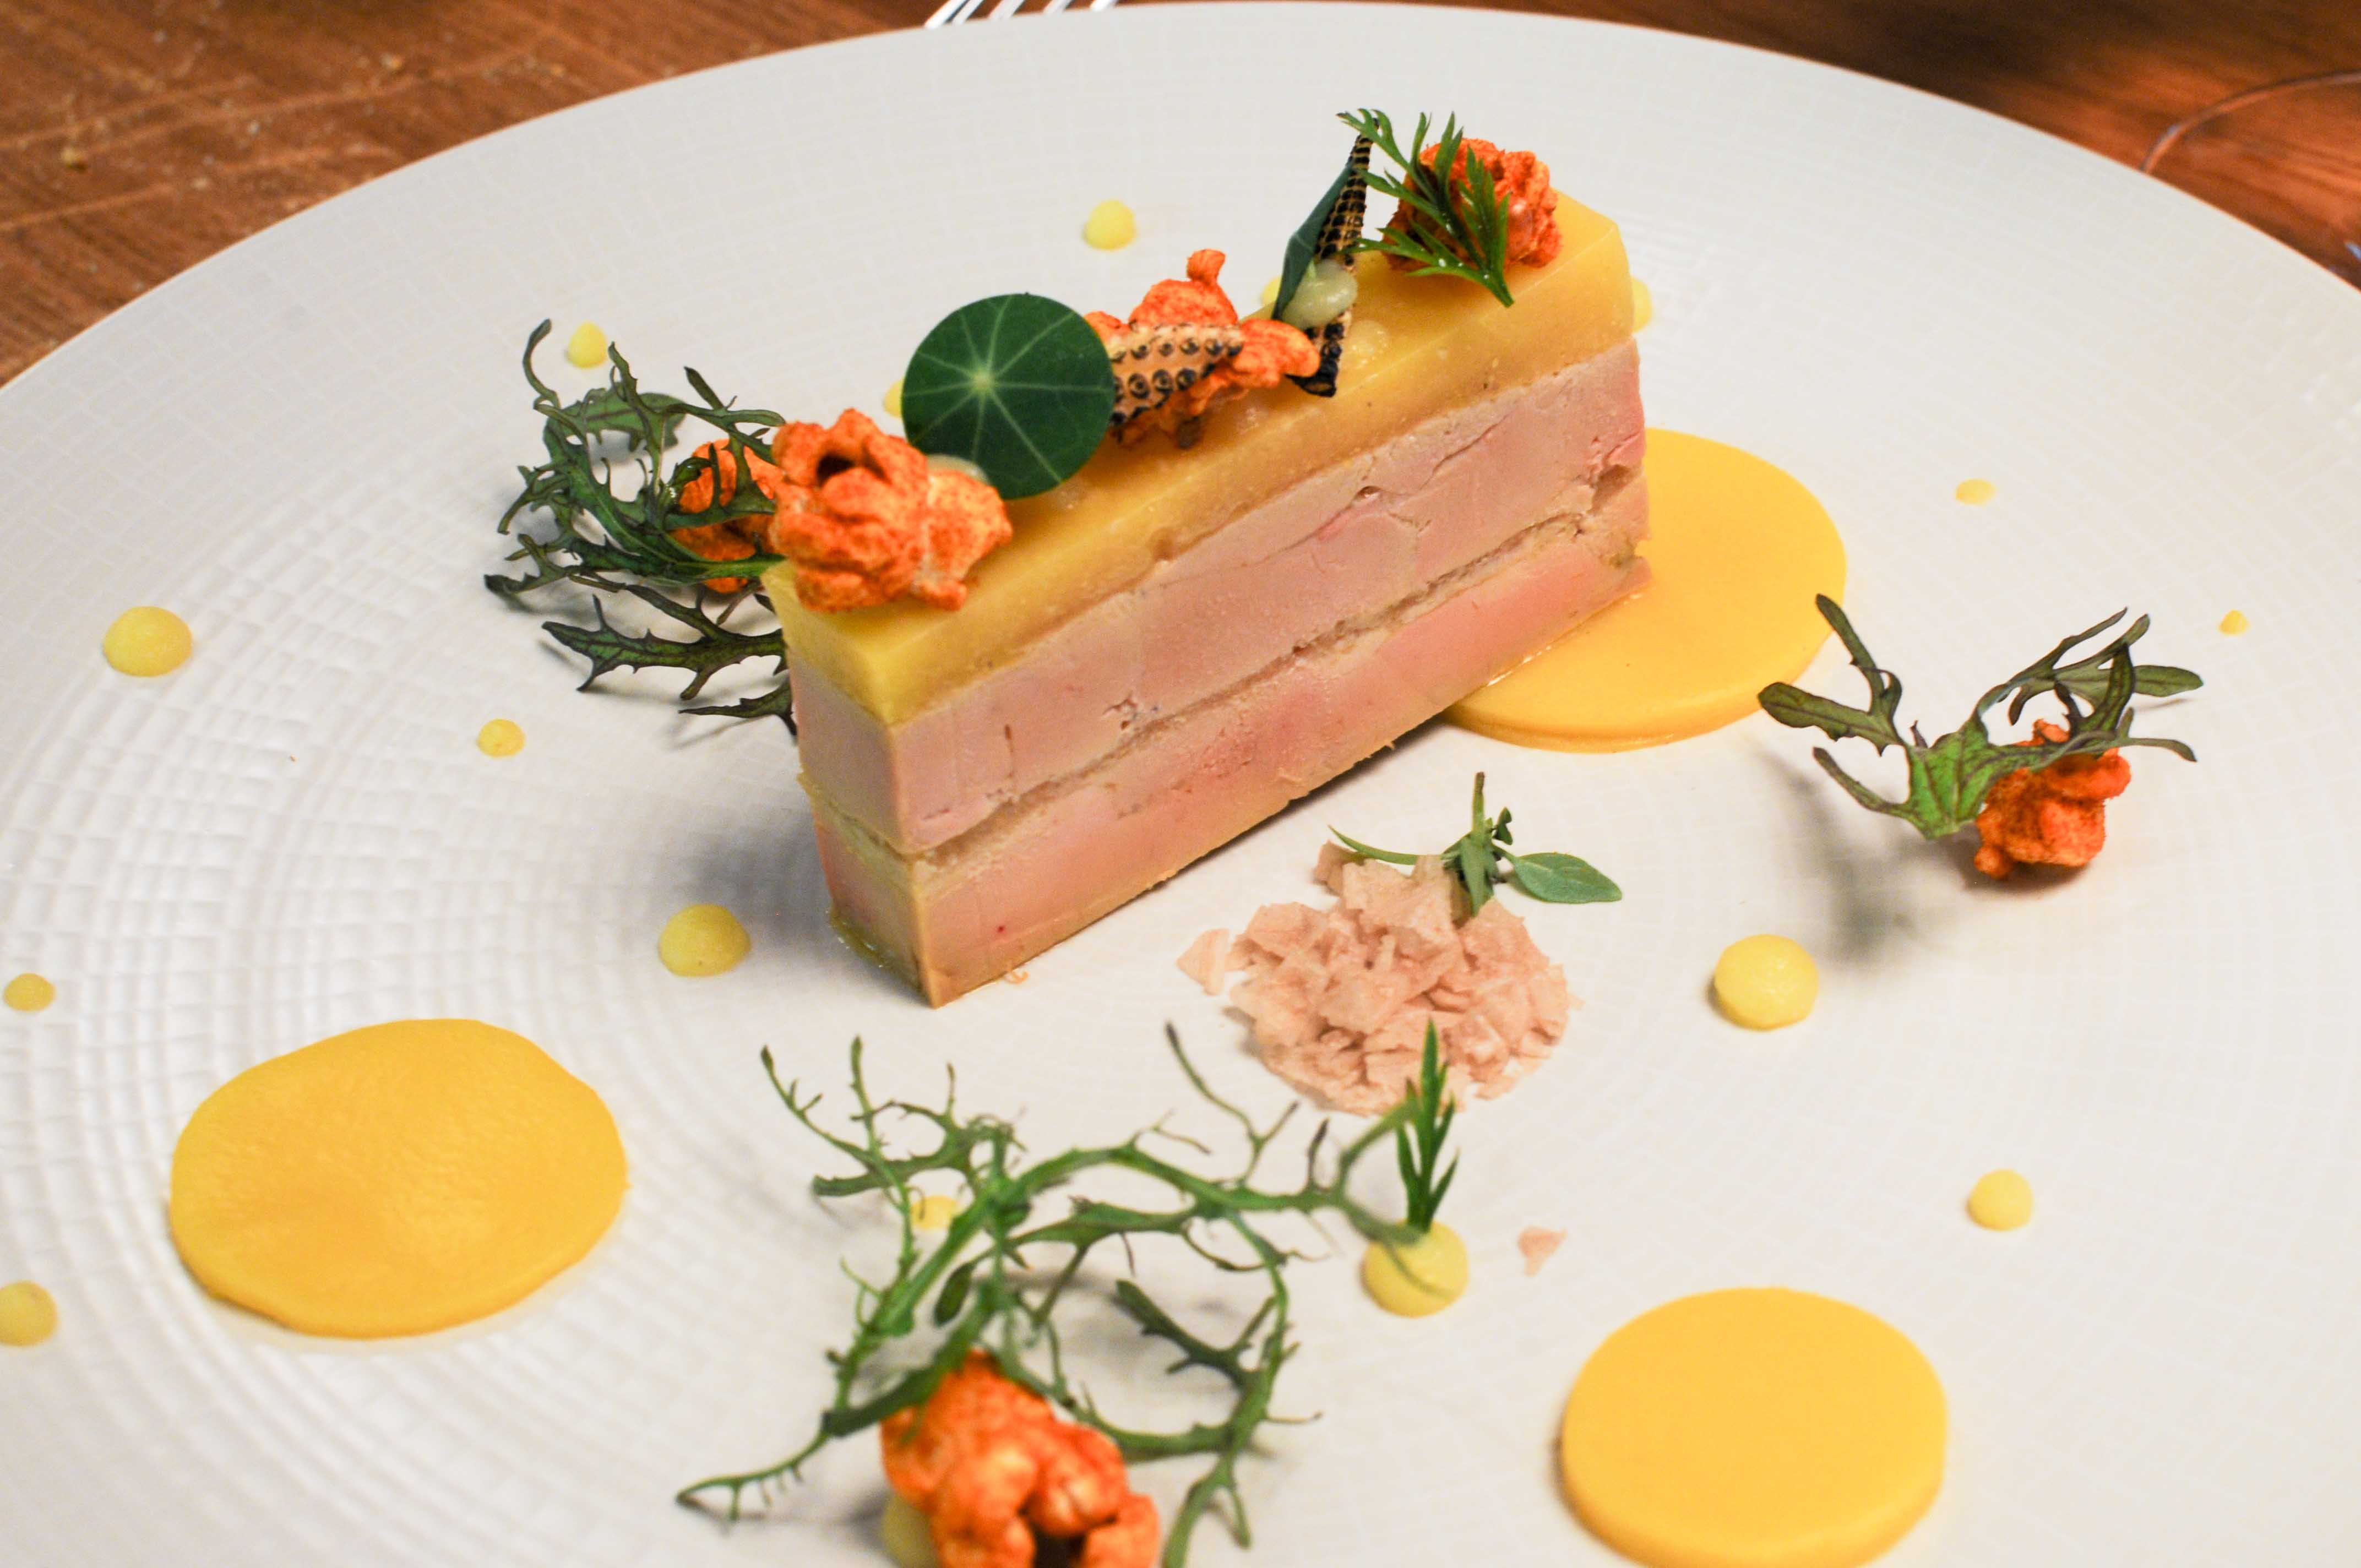 Dîner au restaurant du Domaine de Saint-Clair en Ardèche